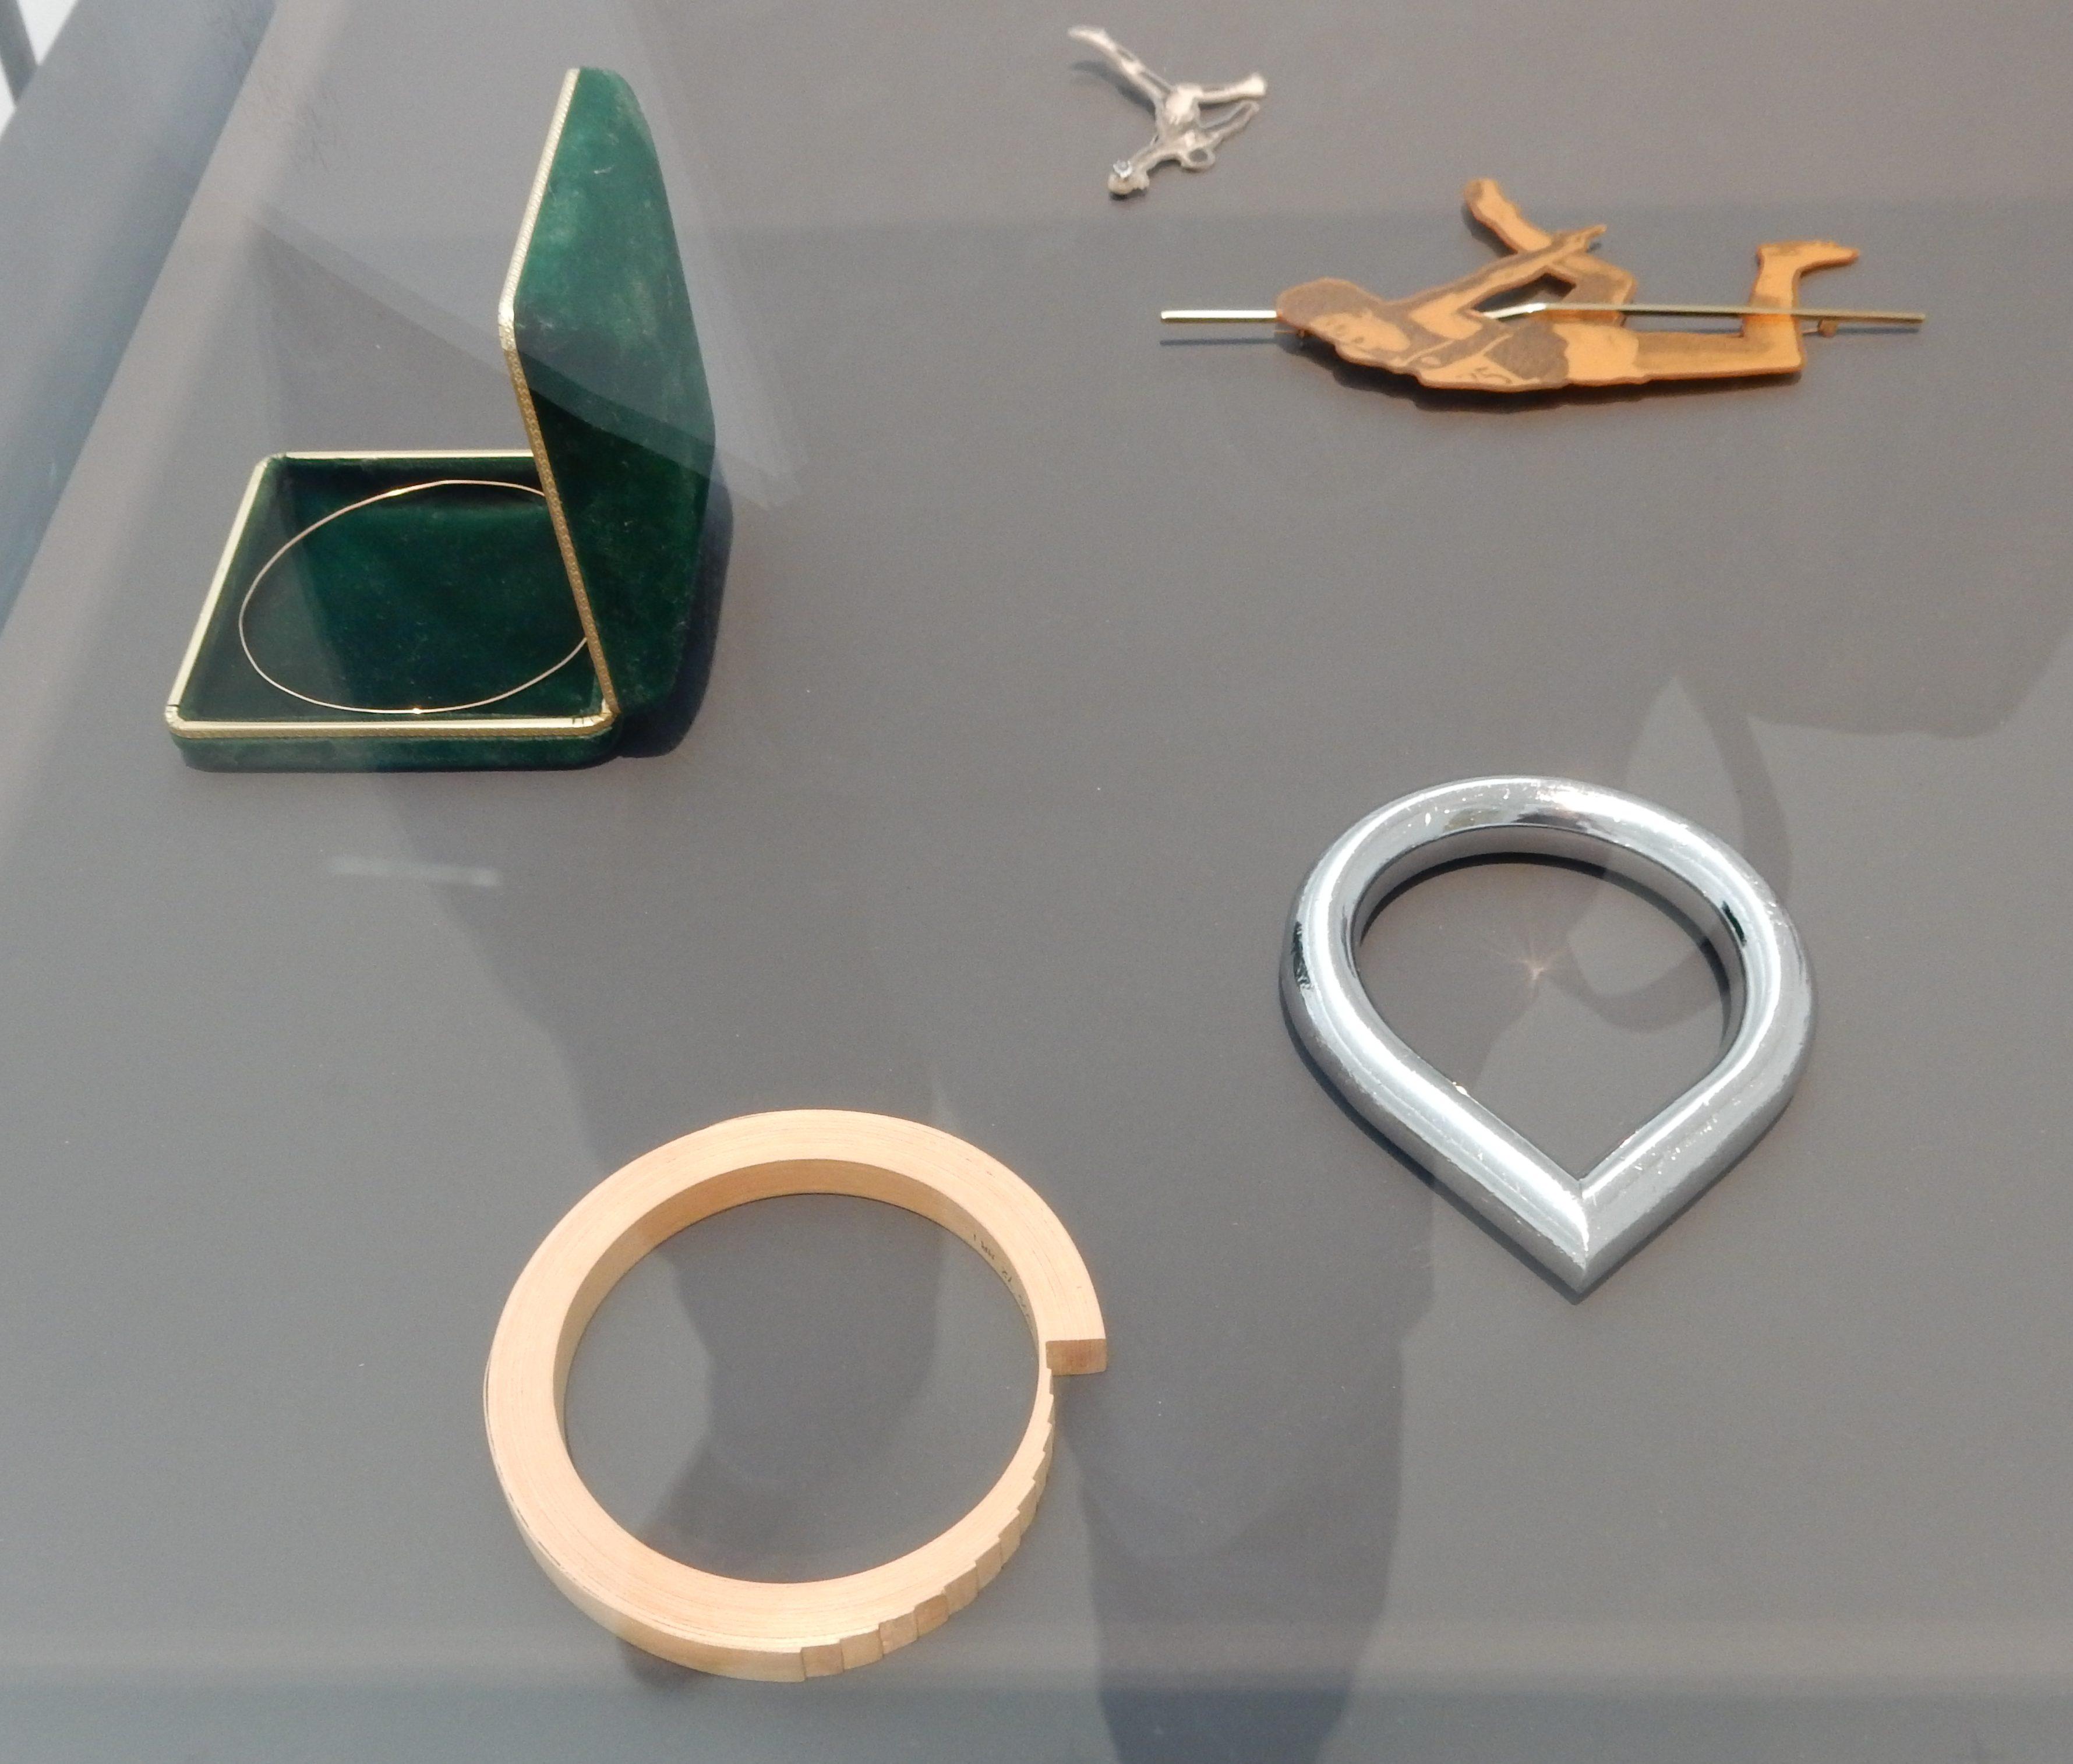 Gijs Bakker. Show Yourself, Design Museum Den Bosch, 2018. Collectie Benno Premsela, armbanden, foedraal, broches, kunststof, metalen